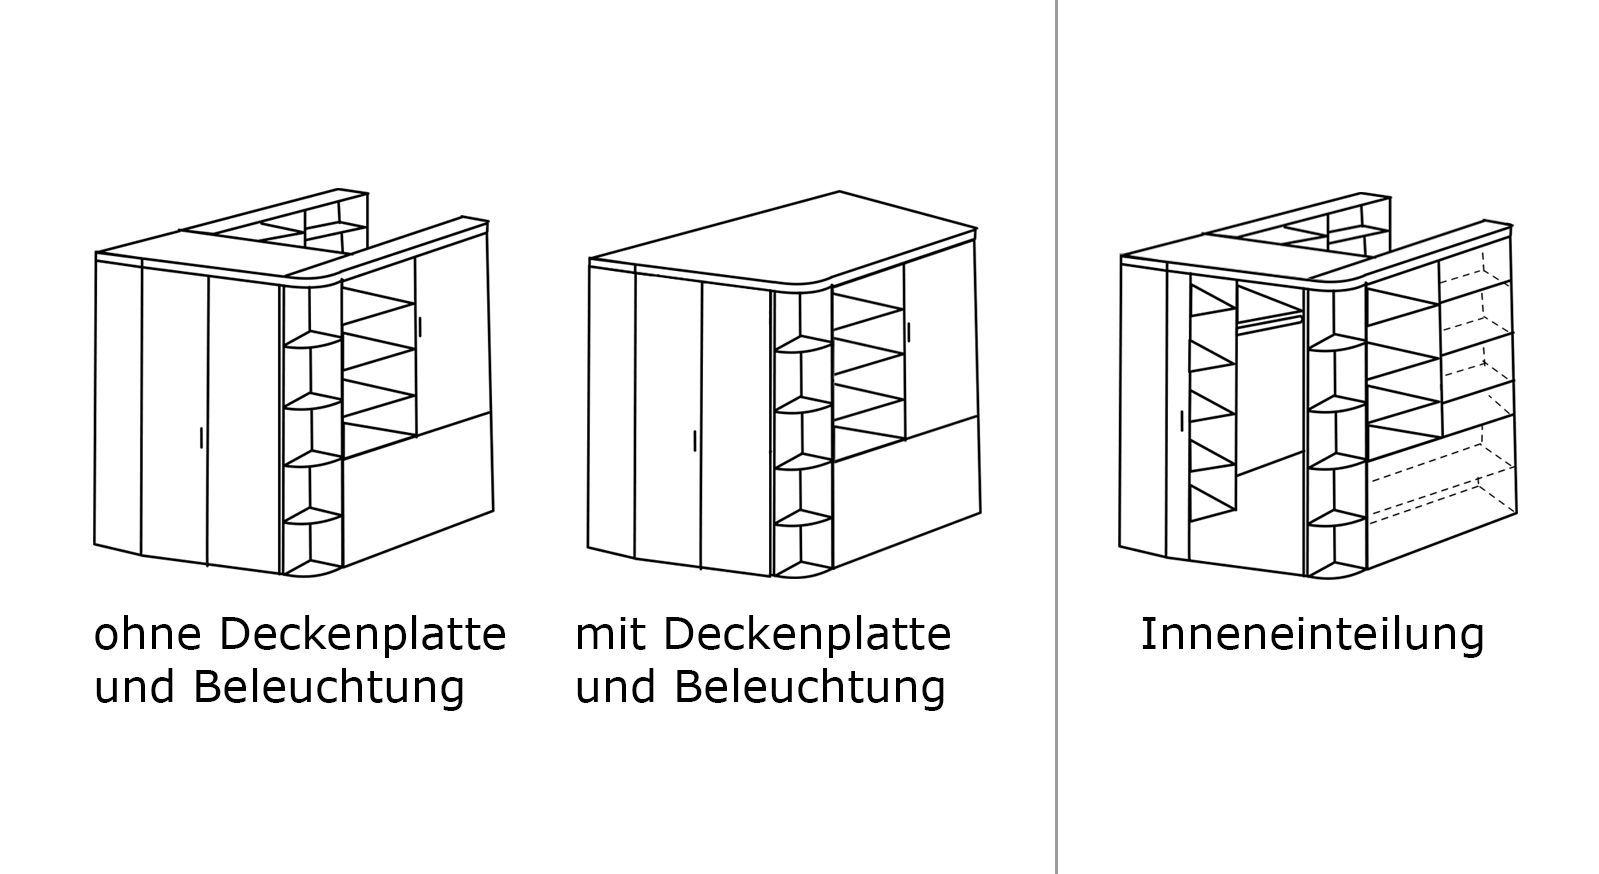 Grafik zu den Varianten und der Inneneinteilung des begehbaren Eck-Kleiderschranks